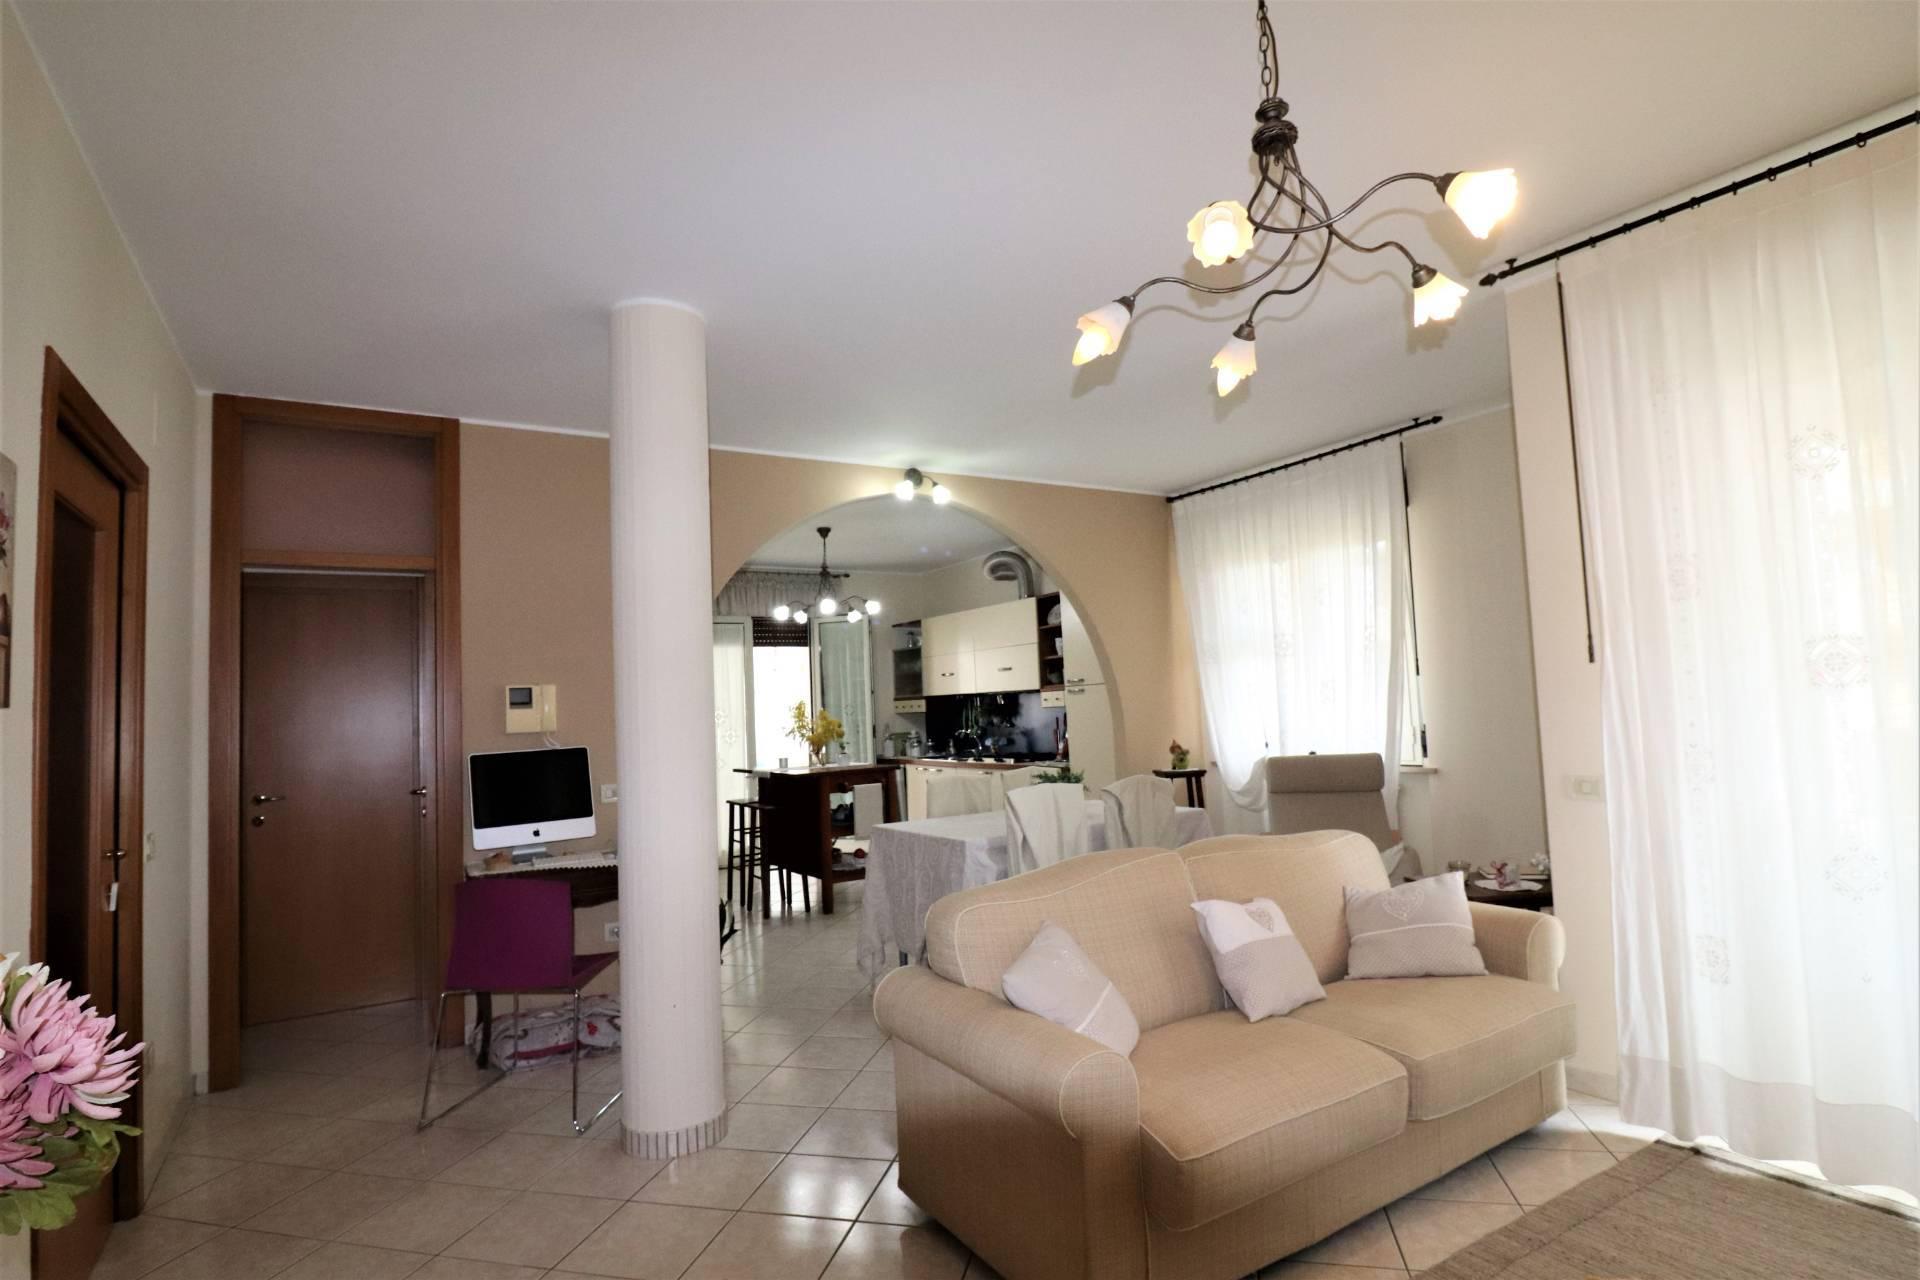 Appartamento in vendita a Giulianova, 5 locali, zona Località: VILLAPOZZONI, prezzo € 140.000 | PortaleAgenzieImmobiliari.it